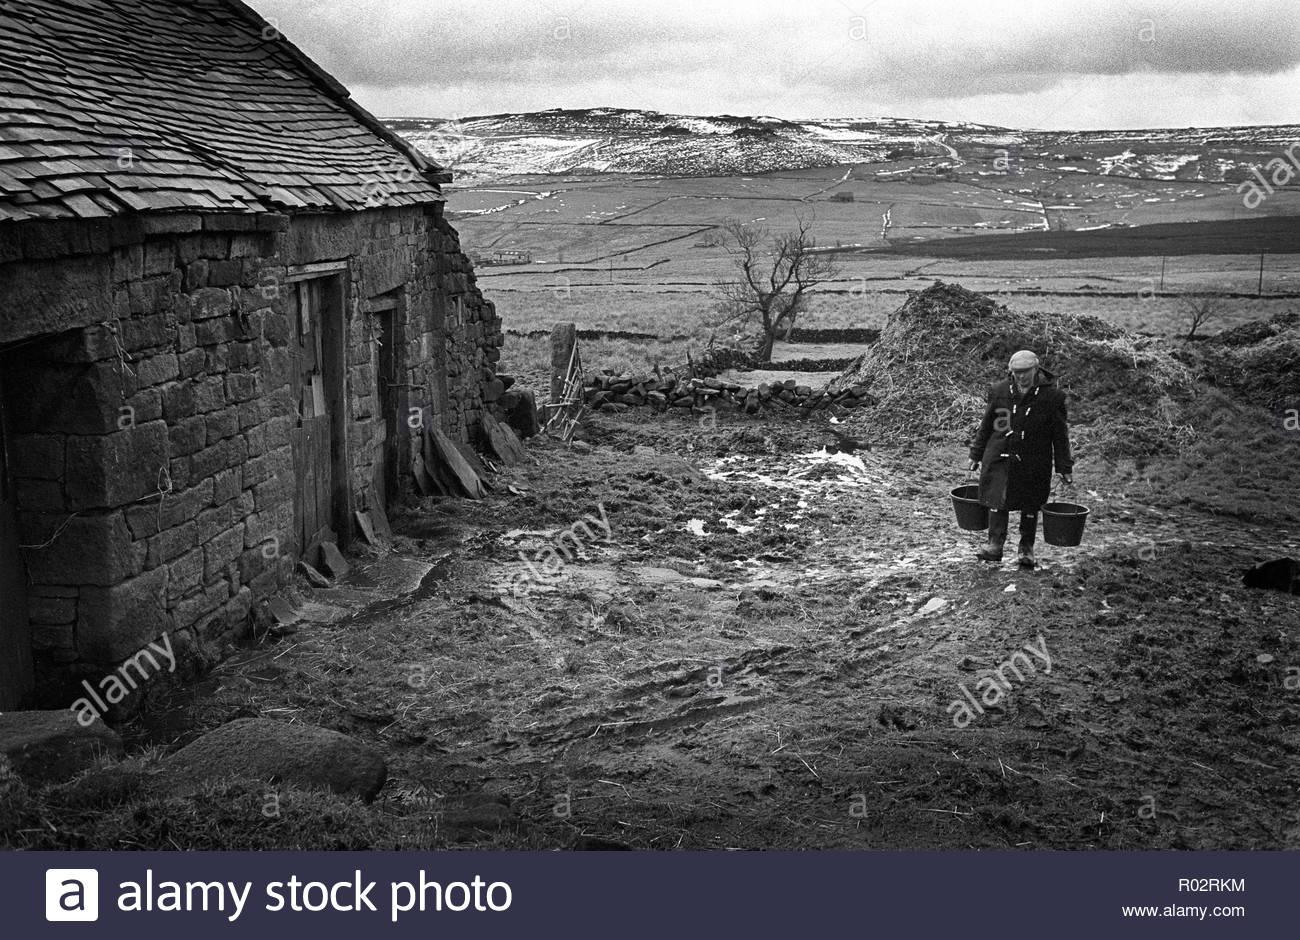 Un granjero lleva Staffordshire baldes de agua a través de sus corrales para el ganado en un frío día de invierno Imagen De Stock